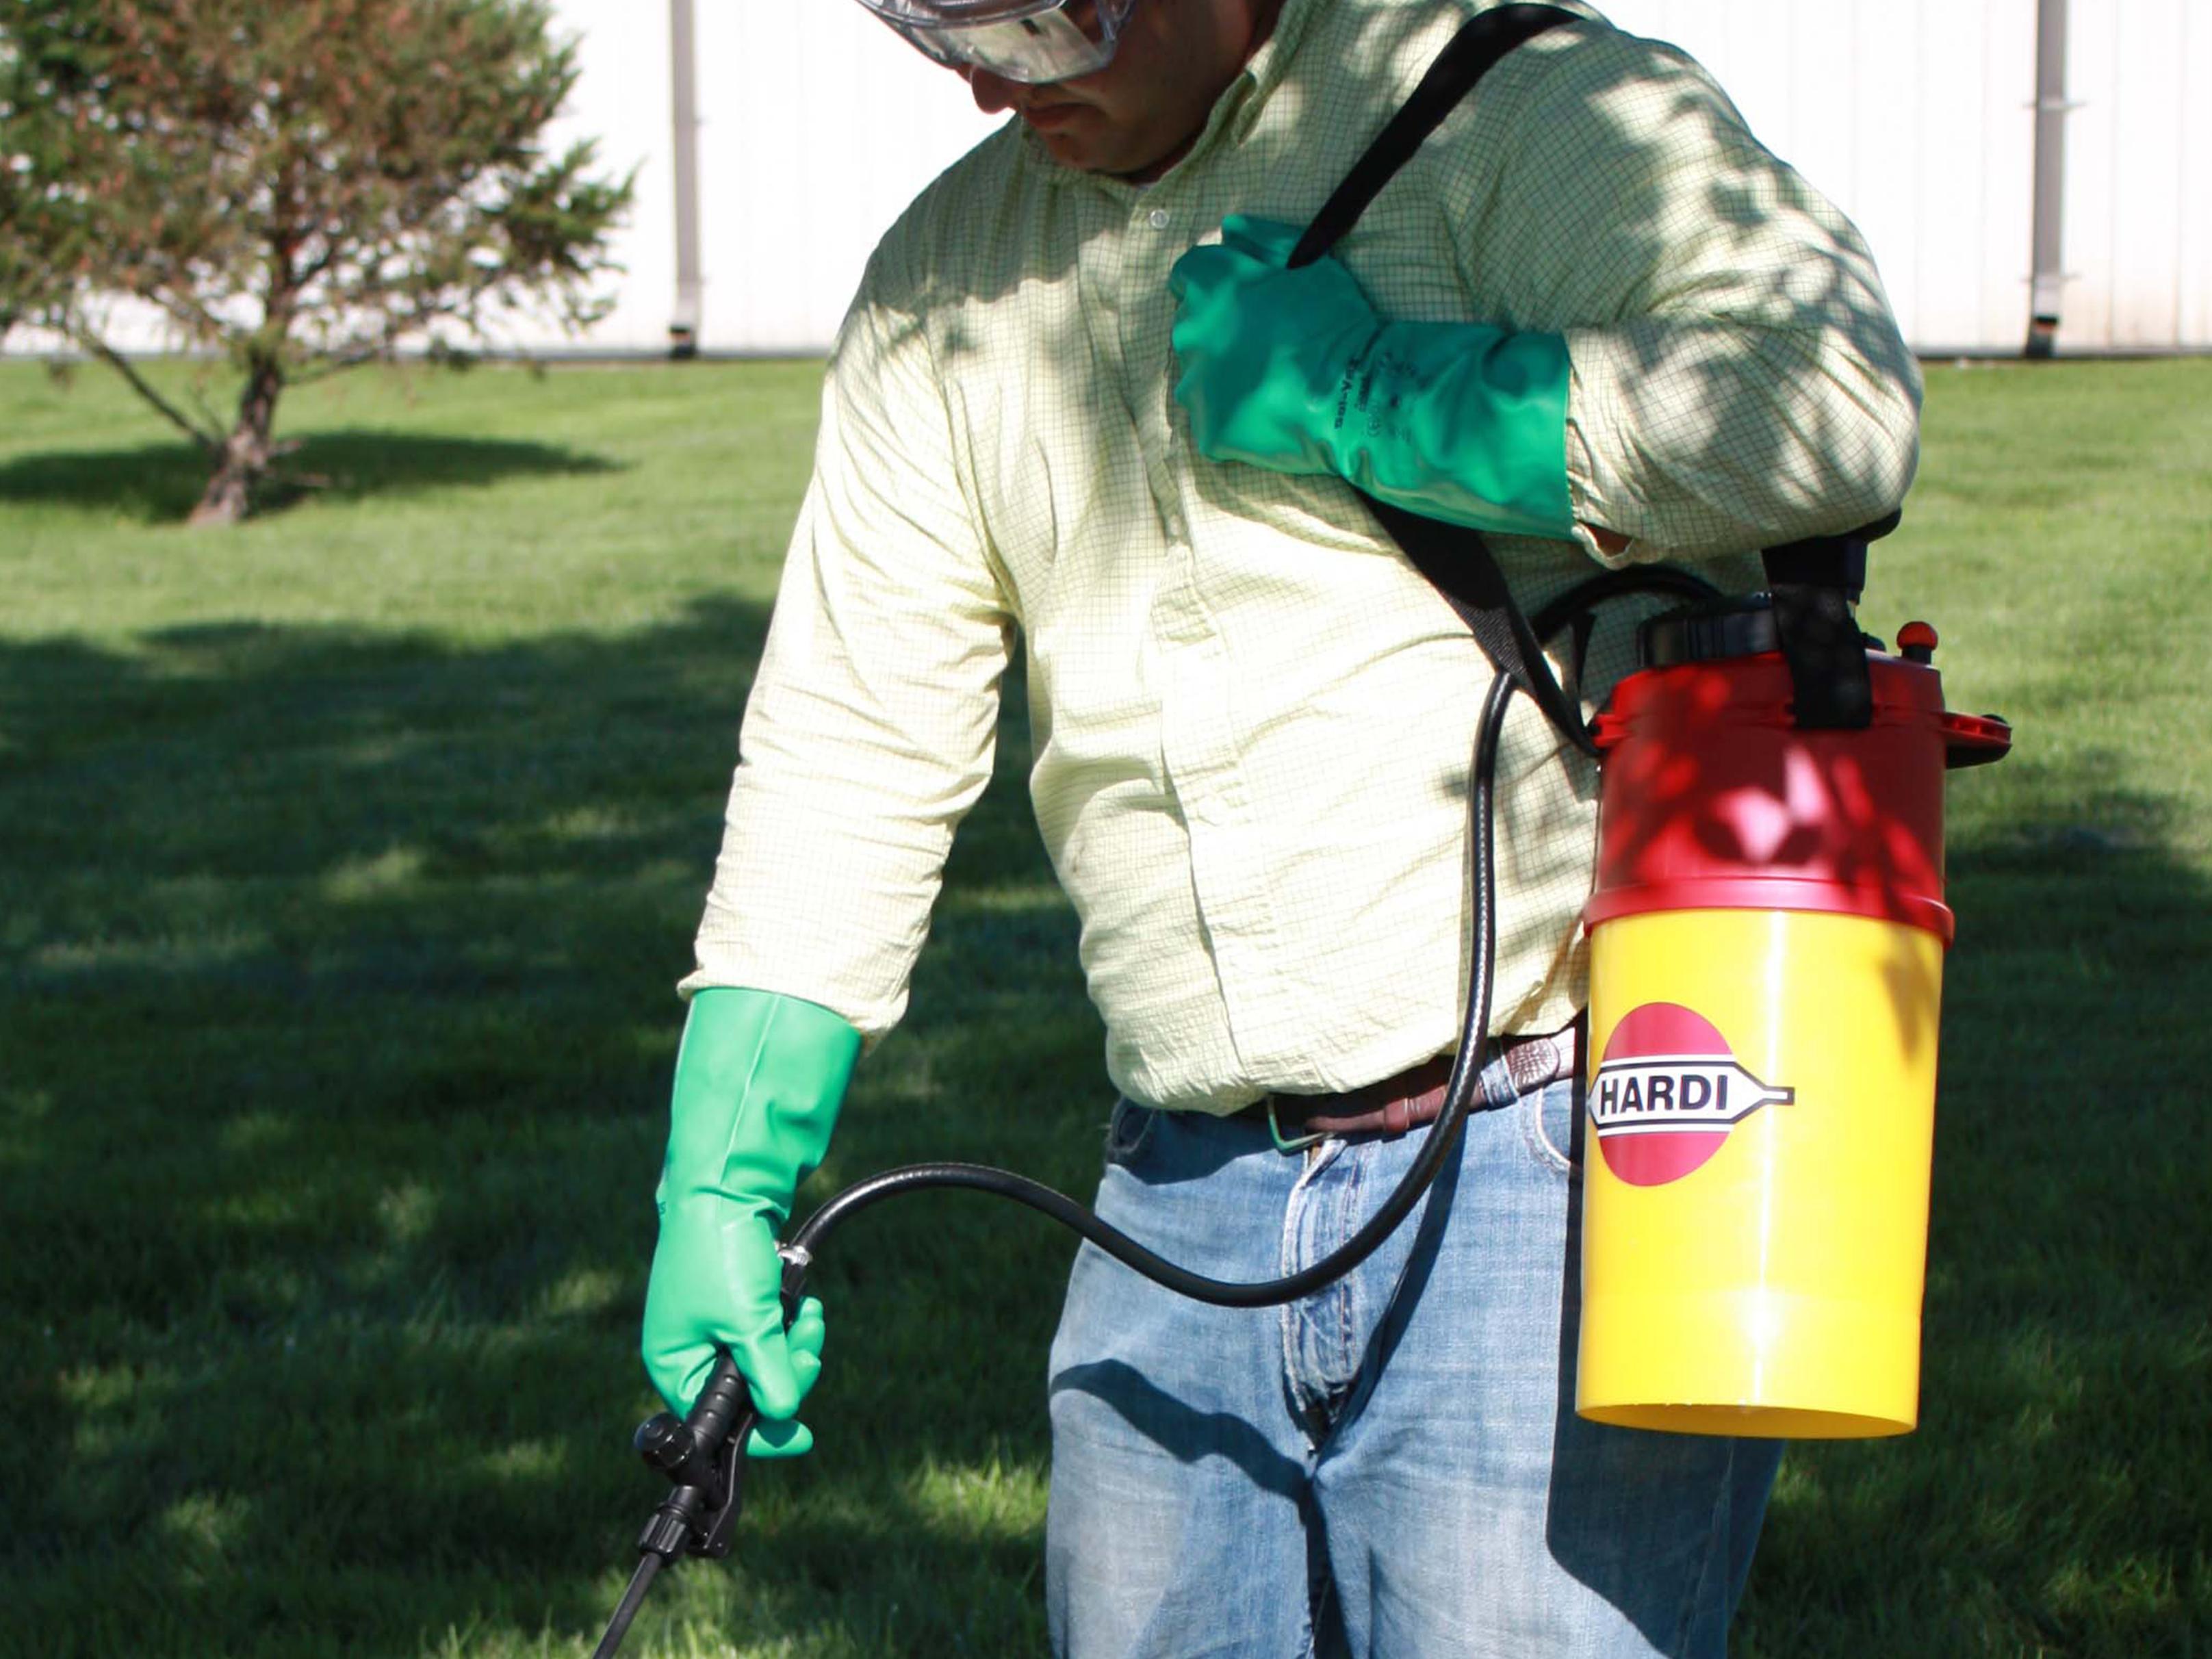 Hardi P6 Handheld Sprayer